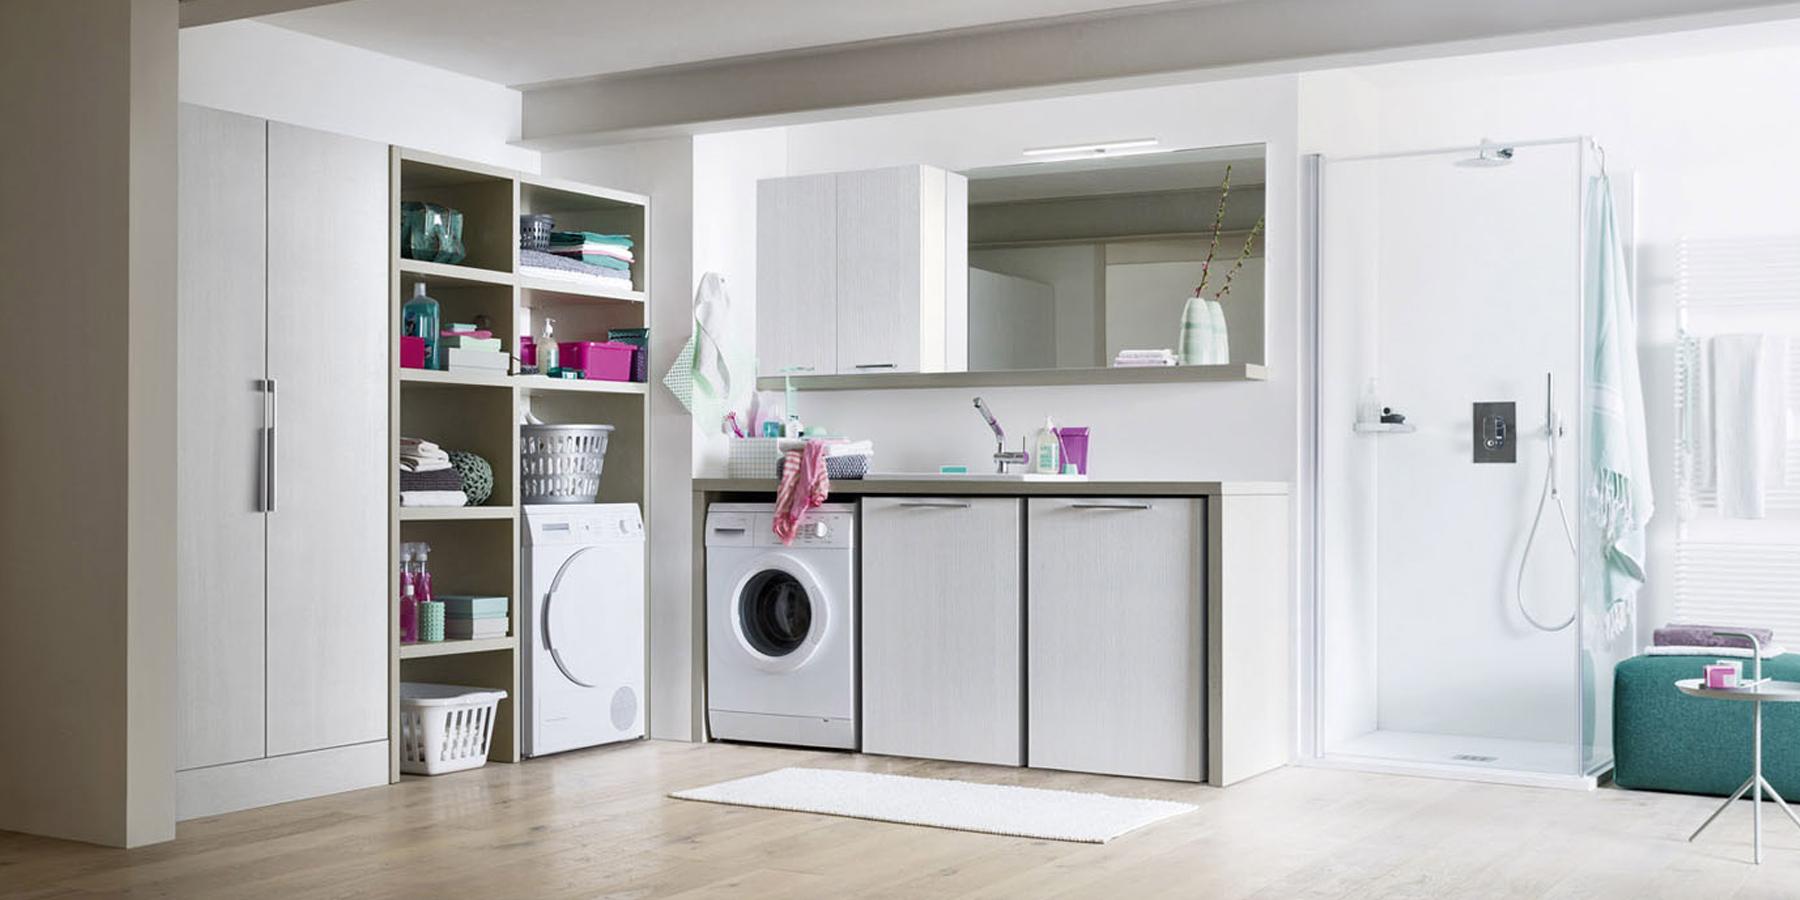 Area lavanderia: come progettarla in modo invisibile